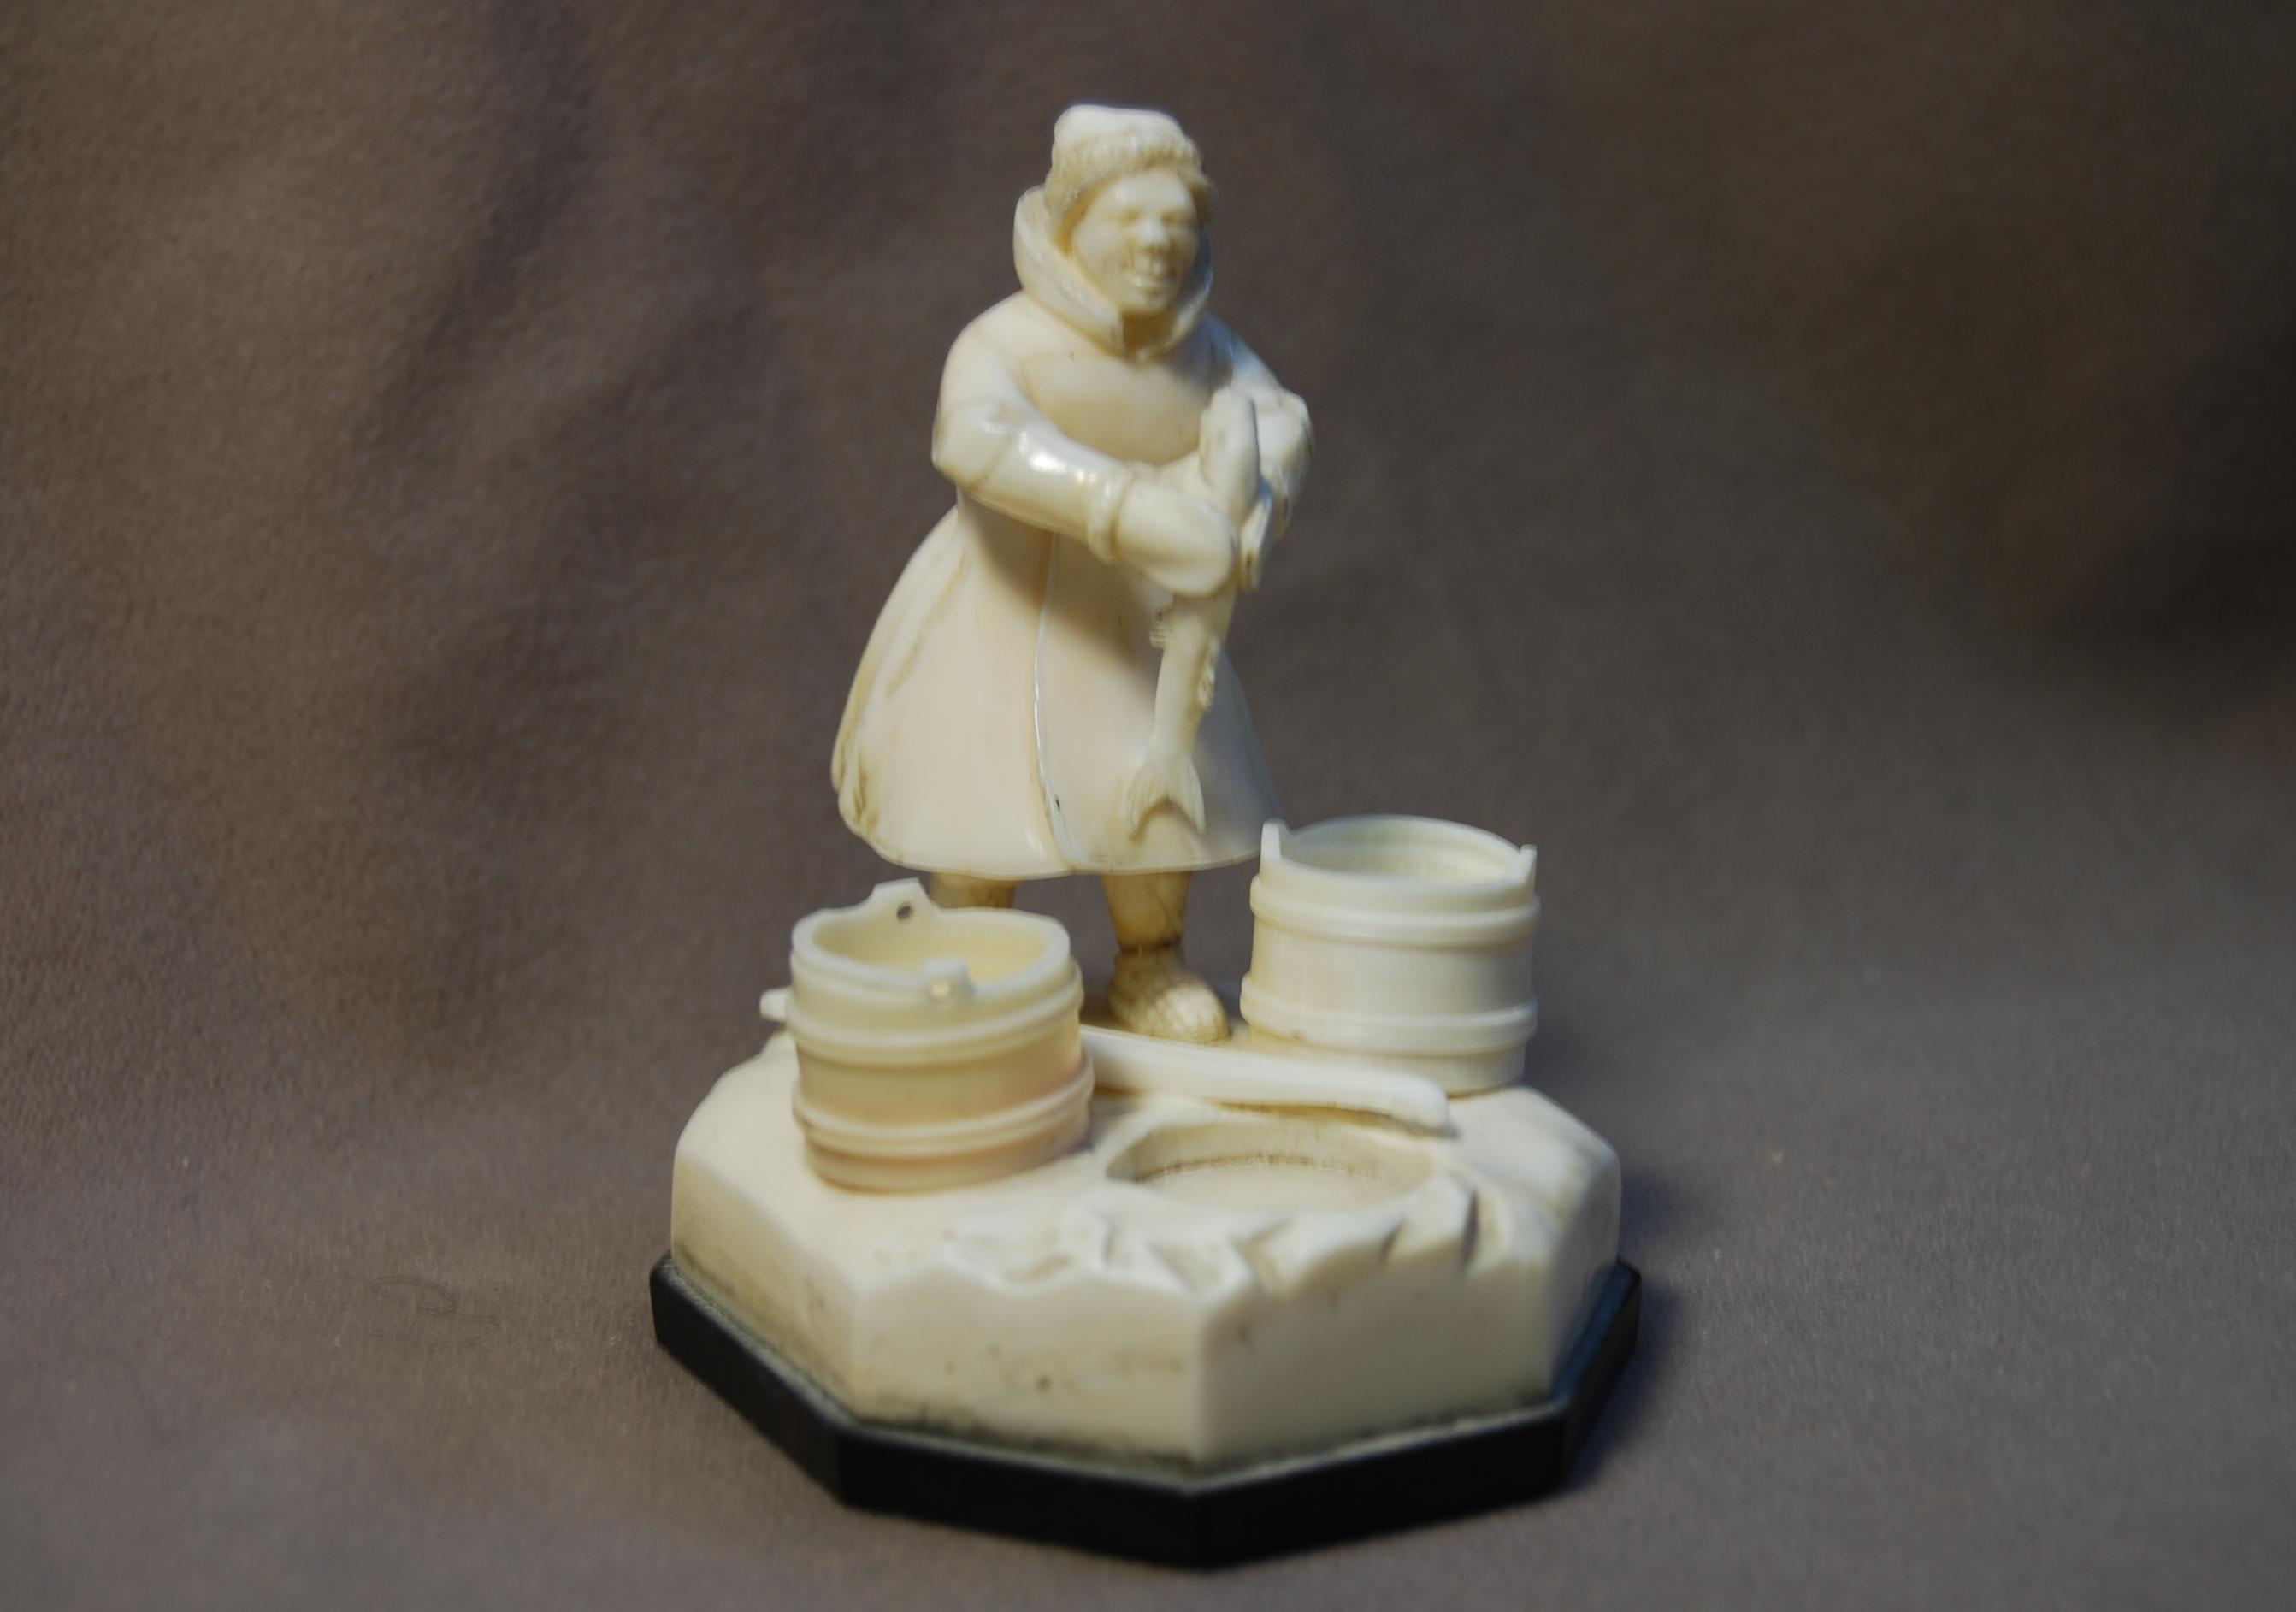 Скульптура По щучьему велению, Матераил рог лося.jpg